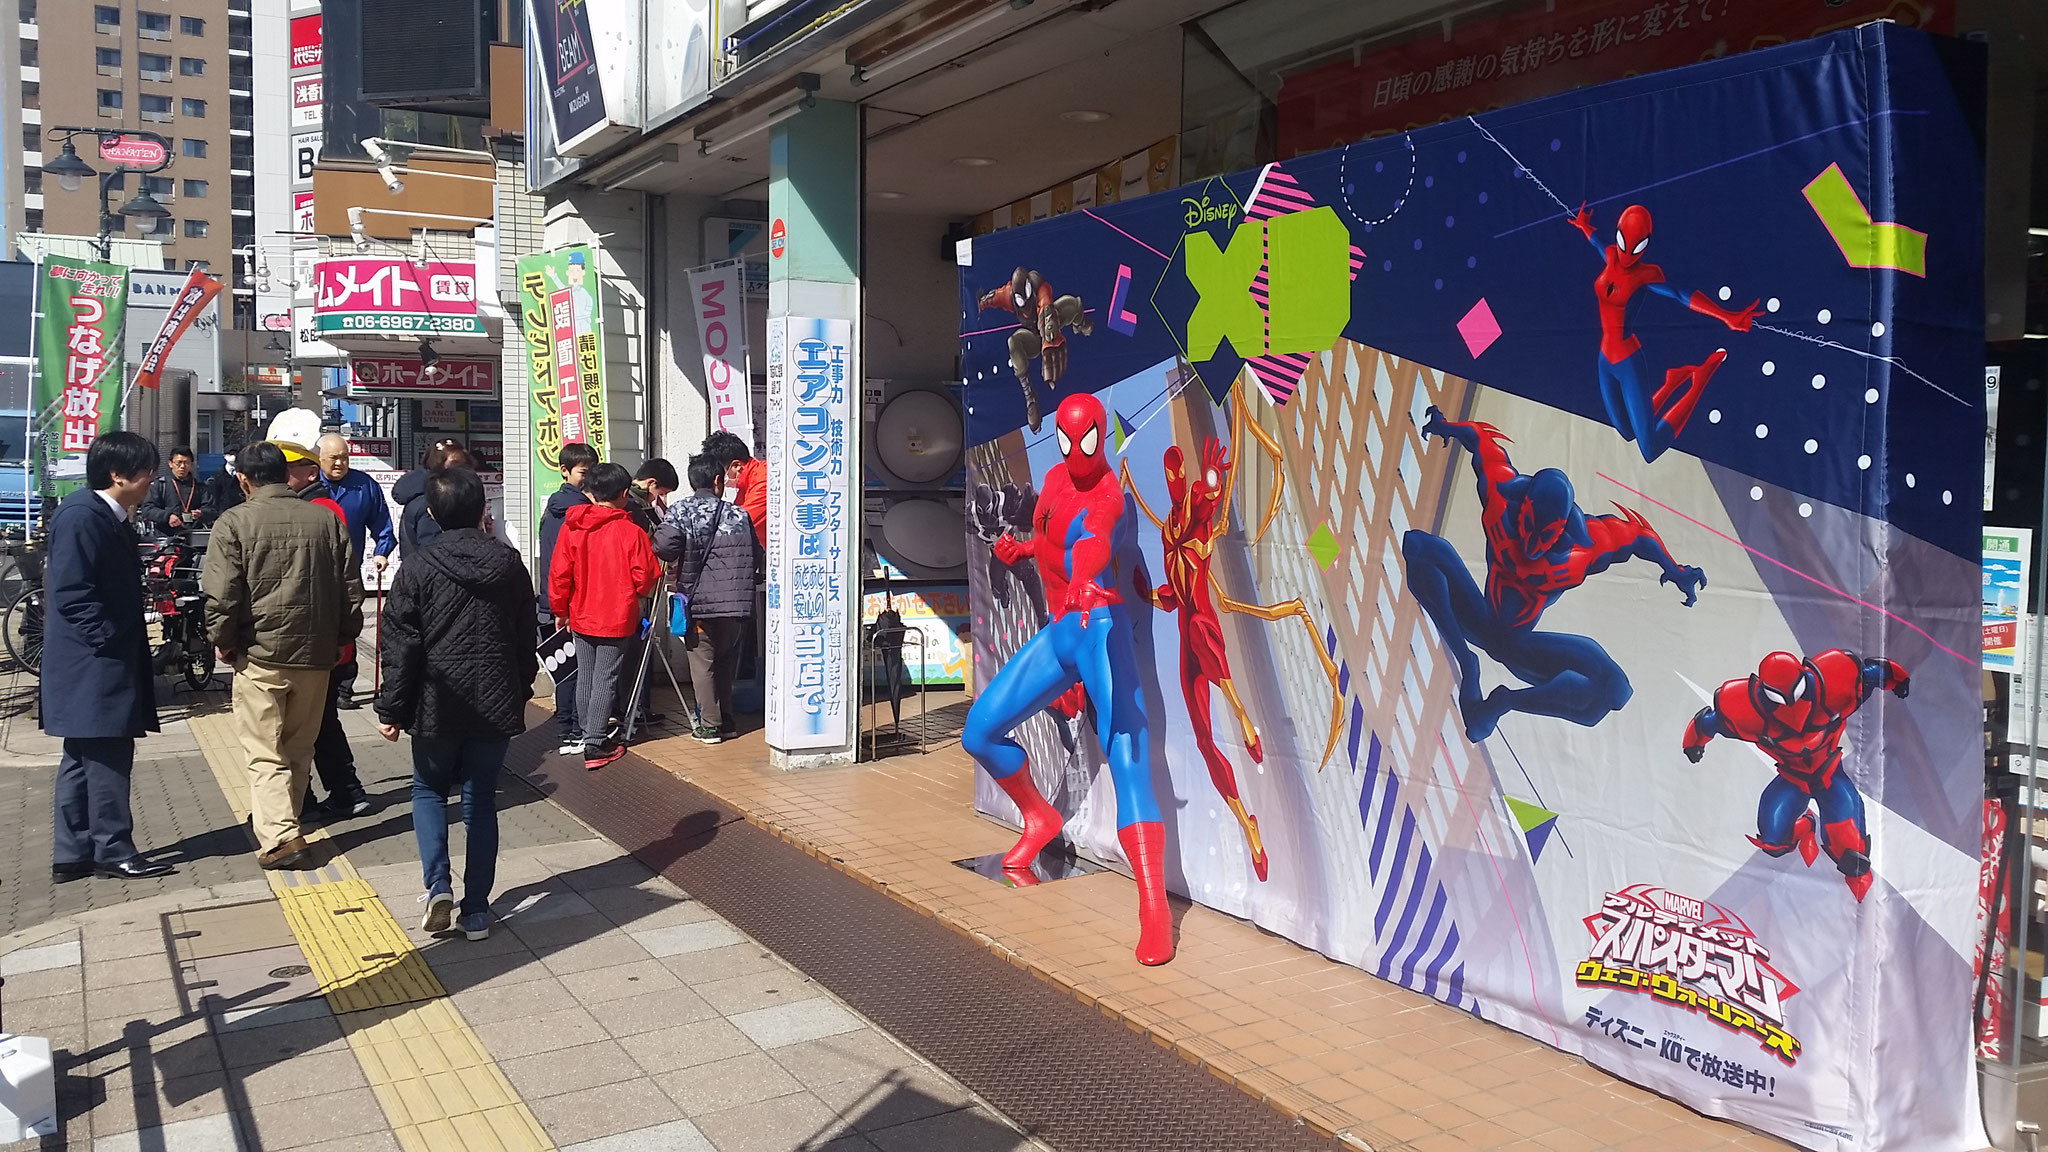 スタンプラリー対象店のBEAM・ミズグチではスパイダーマンが登場